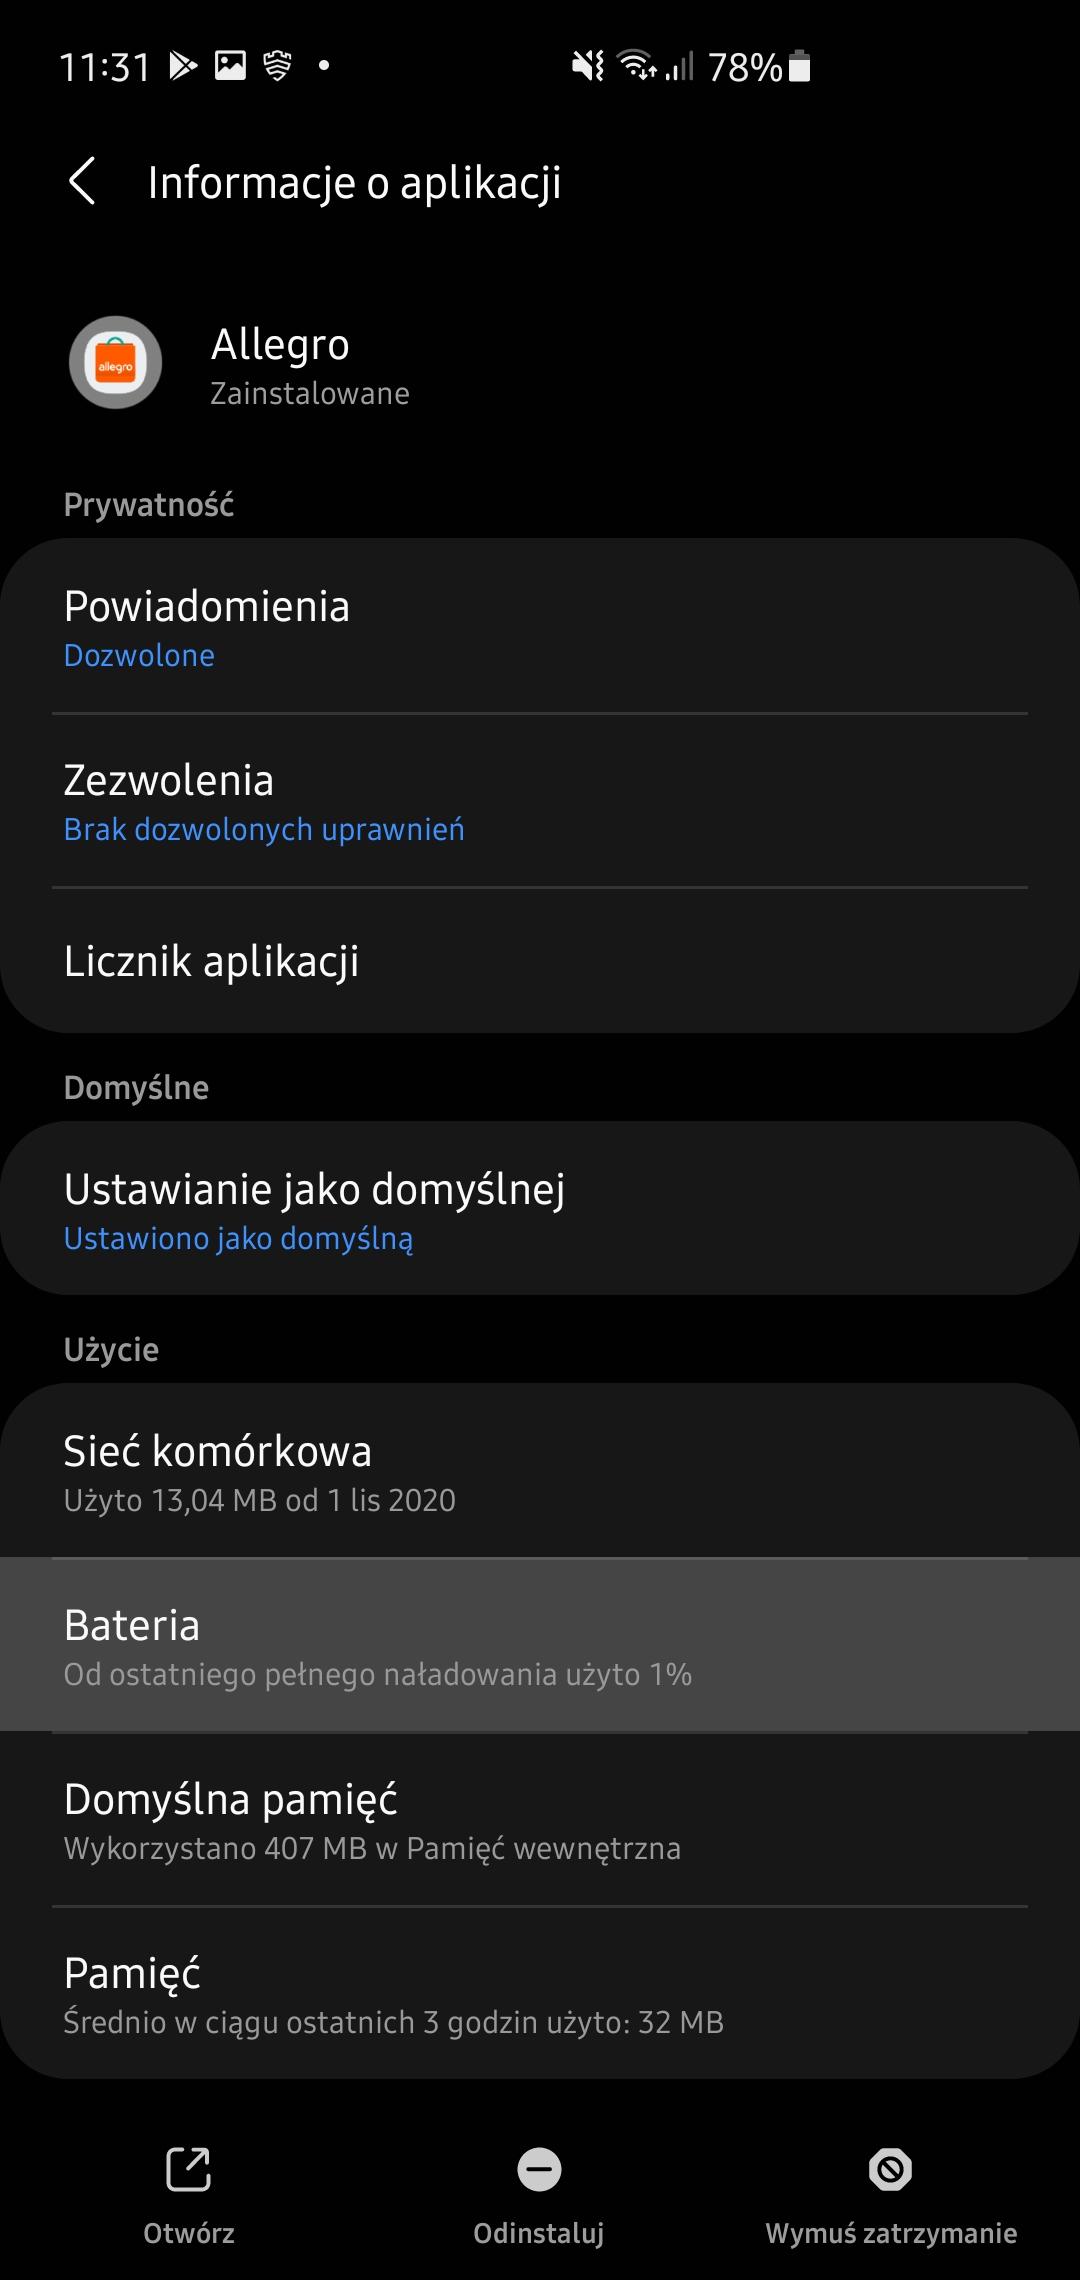 Samsungi Maja Problemy Z Utrzymywaniem Aplikacji W Tle